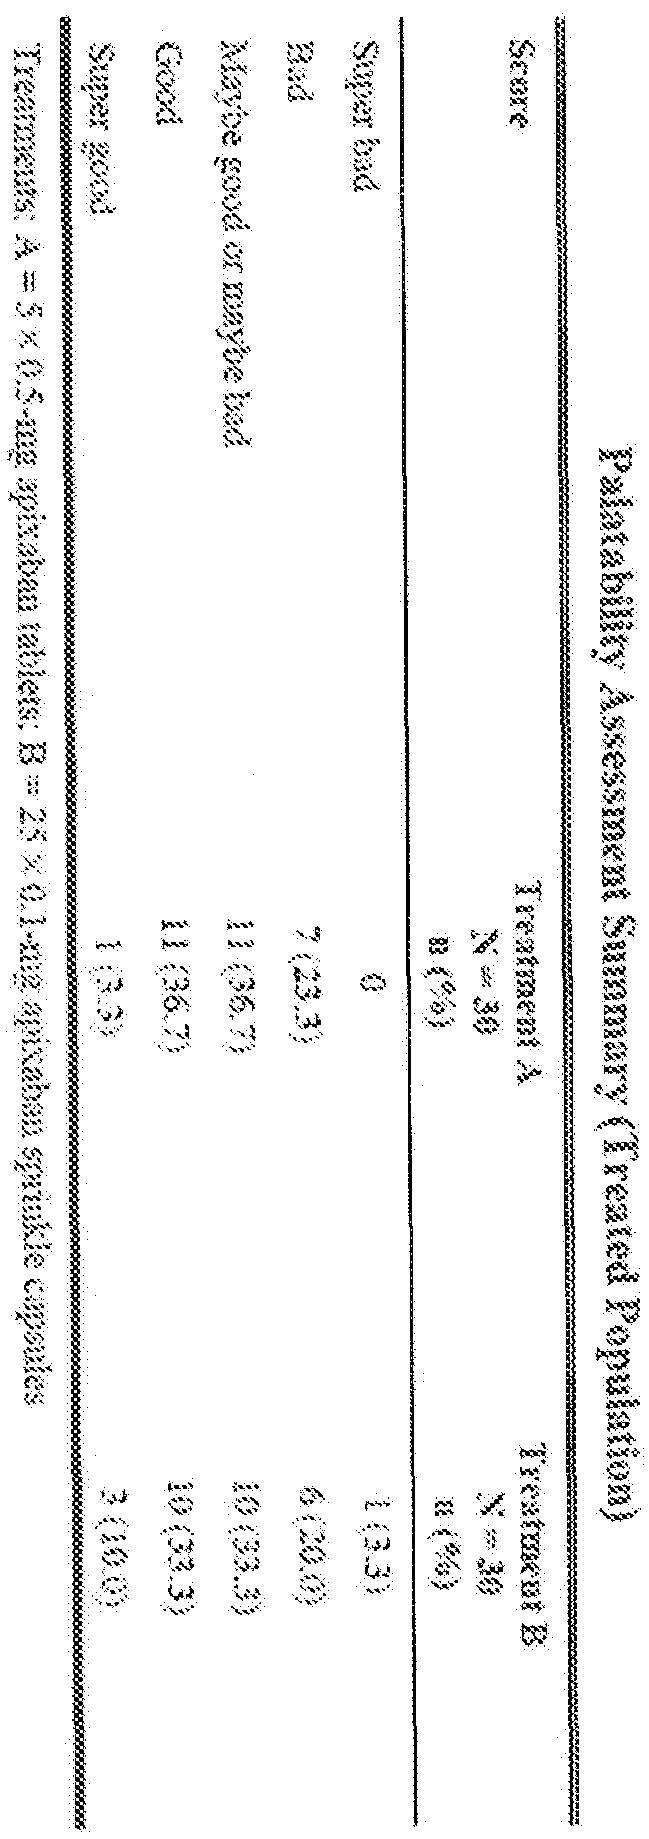 colchicine opocalcium 1mg kaufen